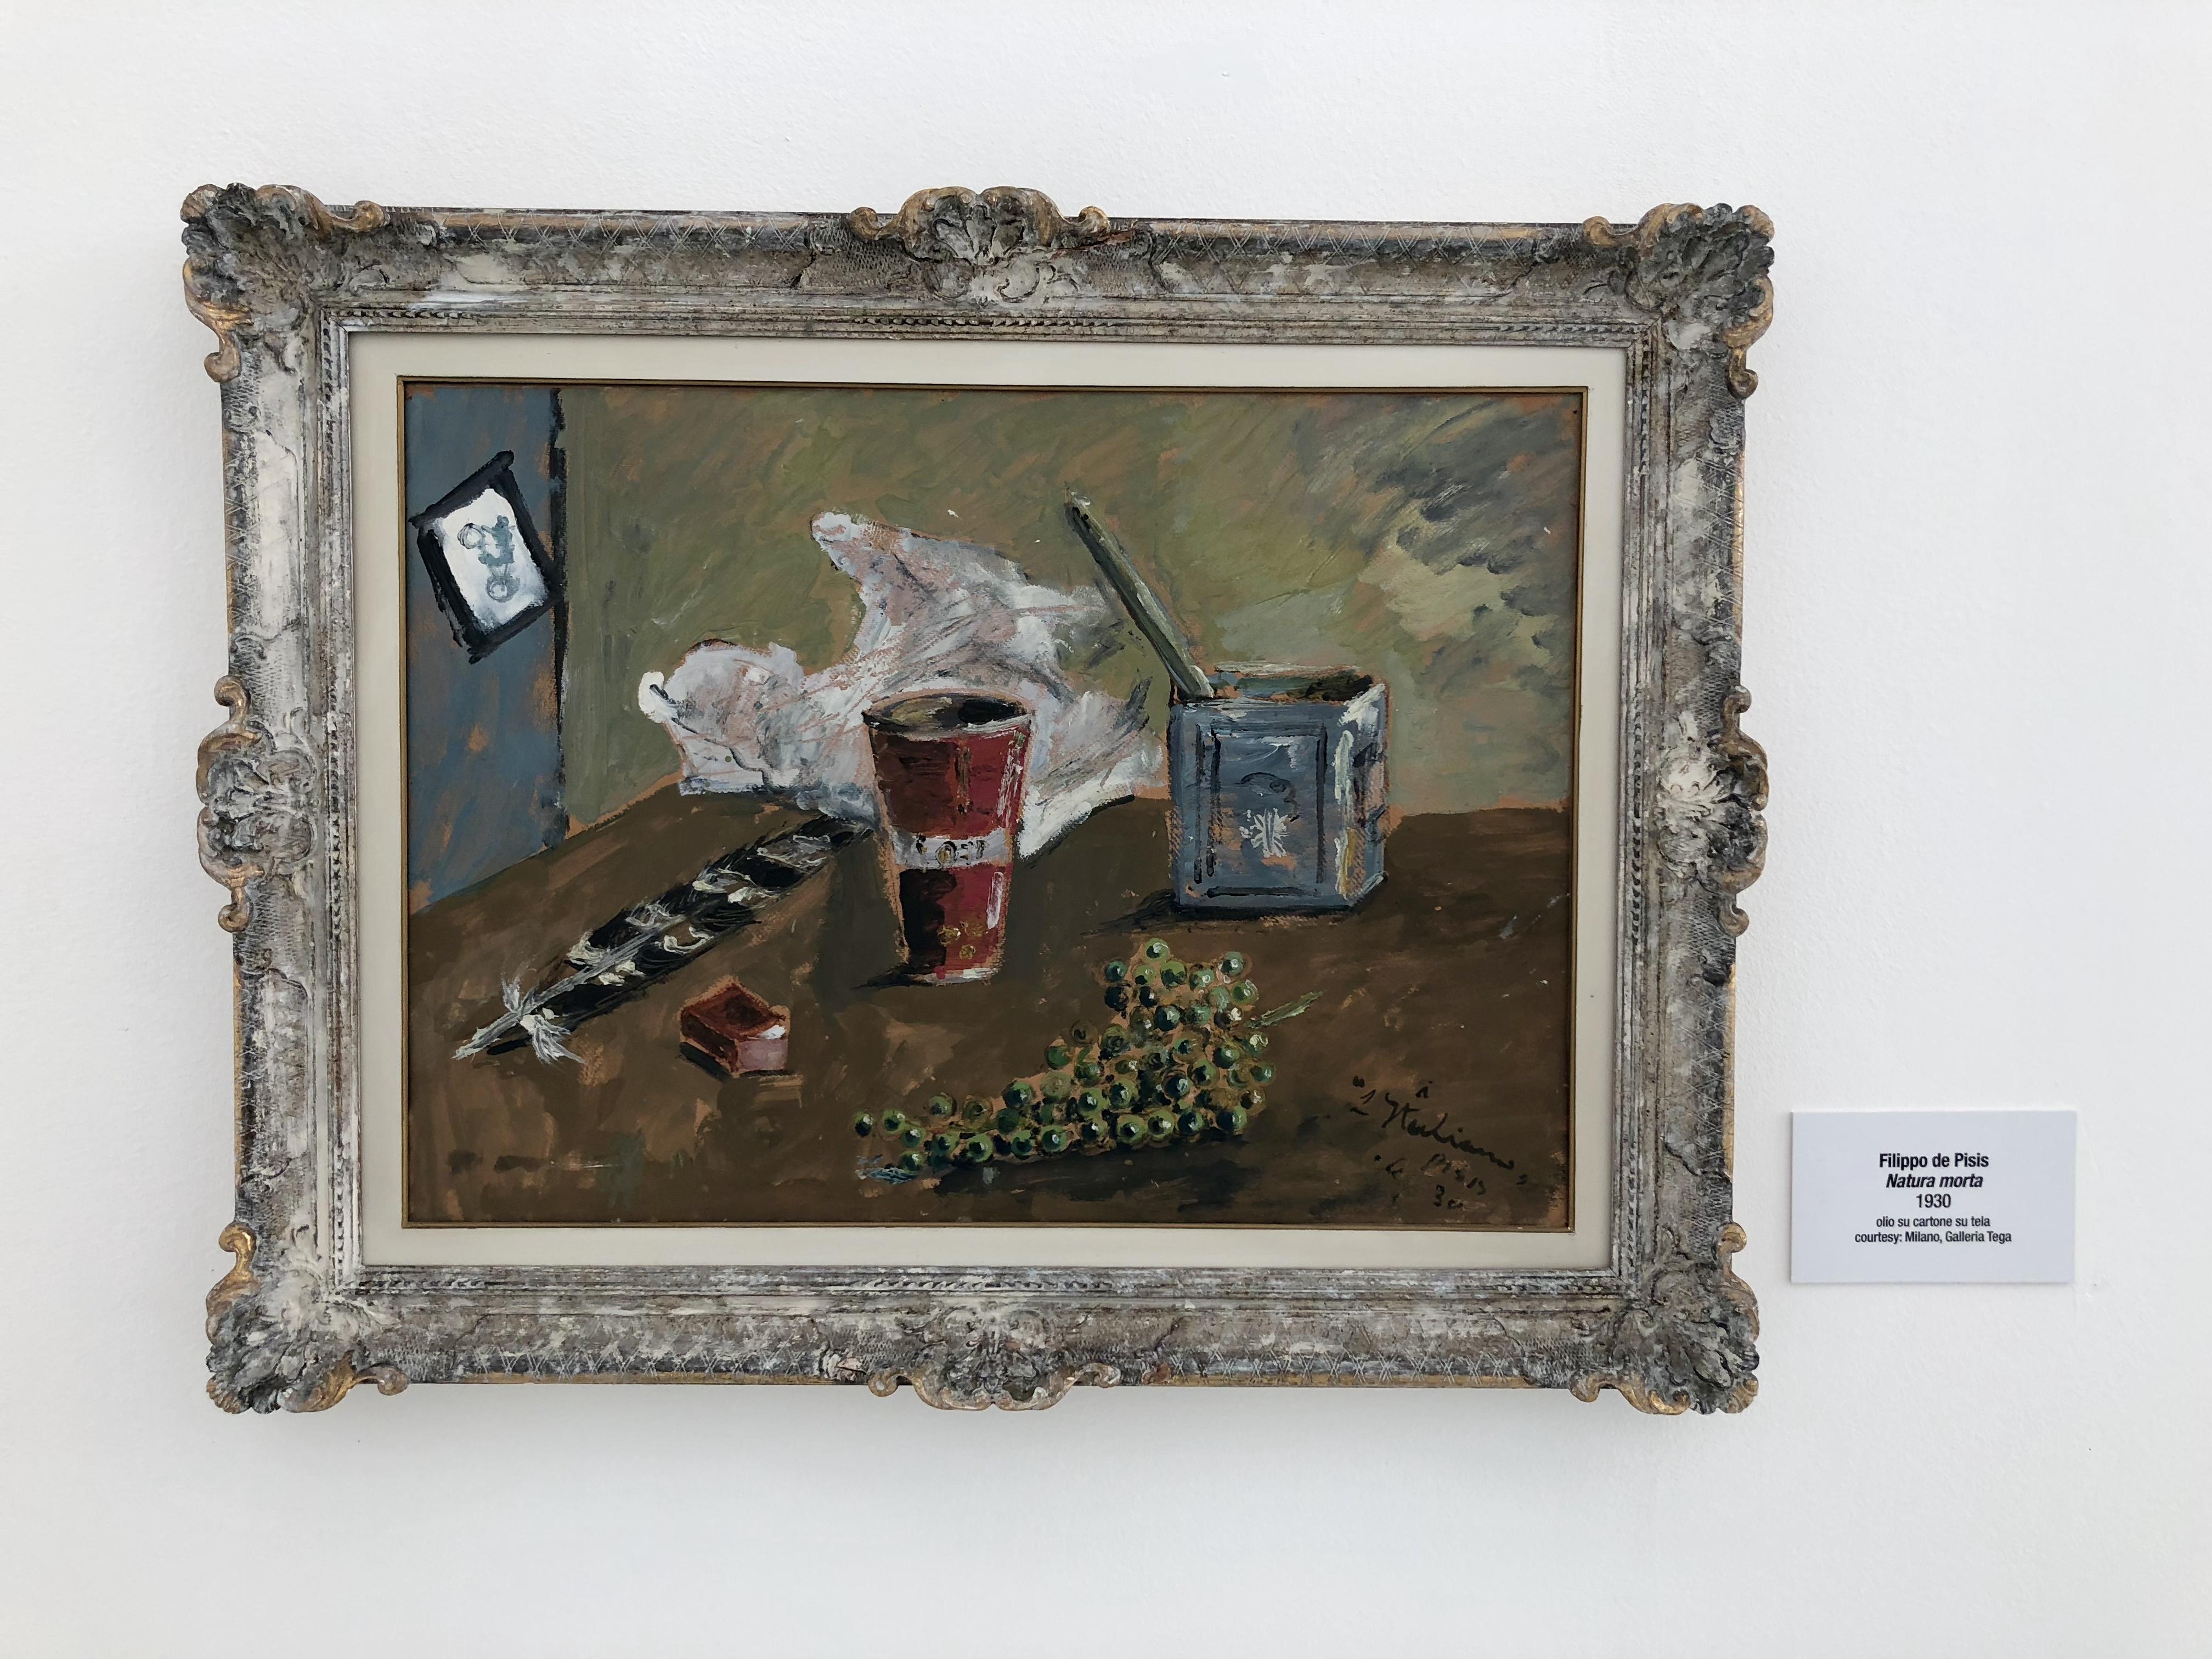 TalentiEventi_Filippo_De_Pisis_Eclettico_connoisseur_fra pittura_ musica_e_poesia_Museo_Ettore_Fico_37